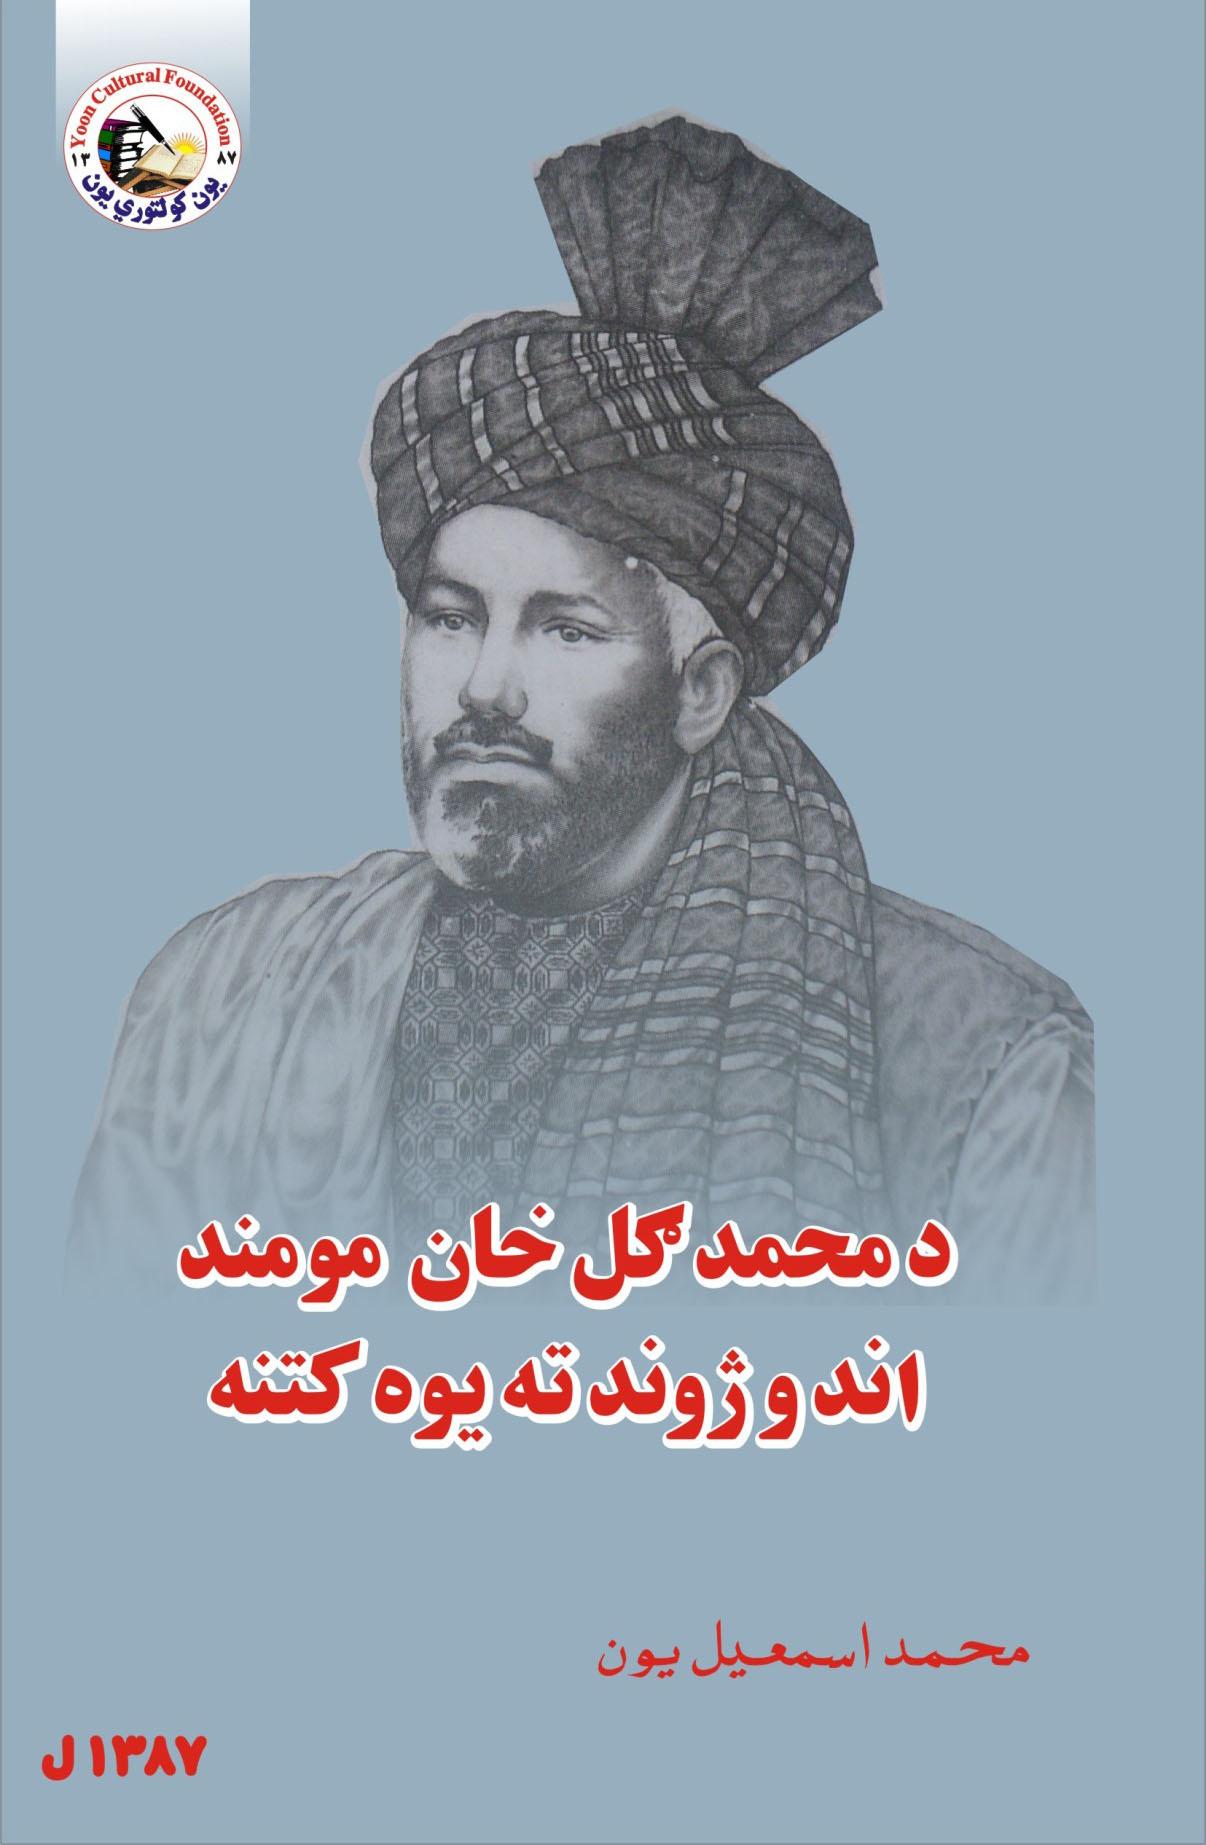 محمد ګل خان مومند